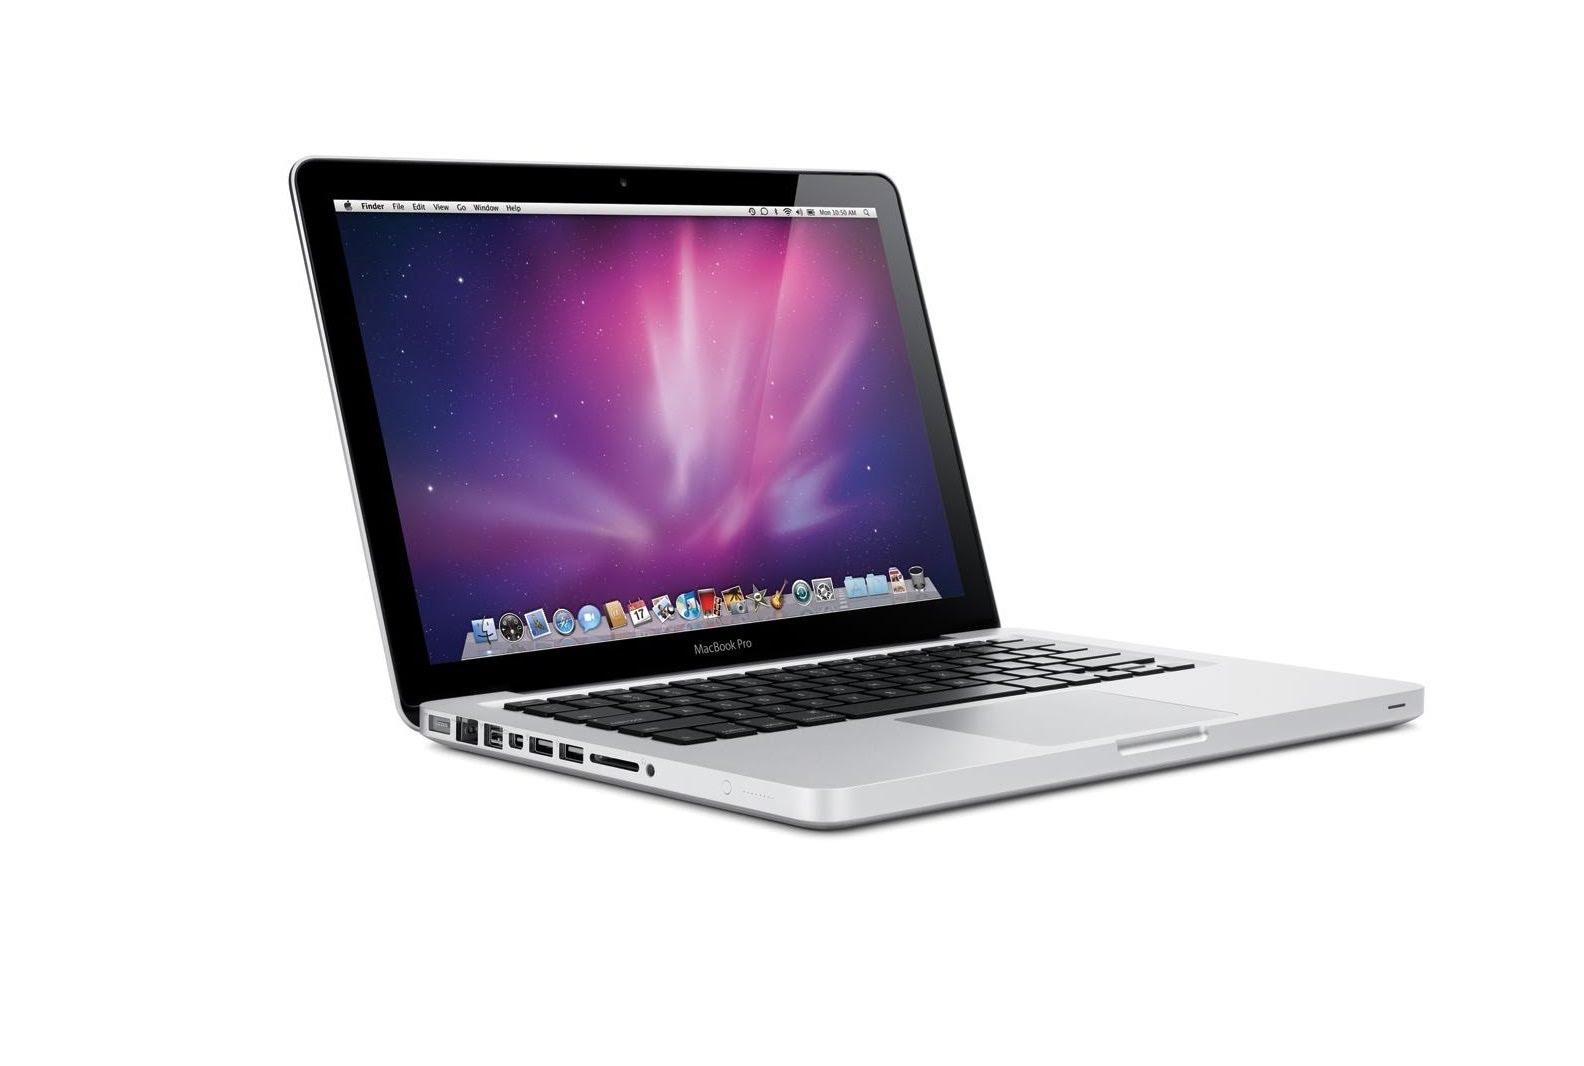 【即納】【送料無料】【中古】高速起動!MacBookPro/13インチ/Core2Duo/新品SSD240GB換装済!/メモリ4G/Mid2009(A1278)MB990J/A